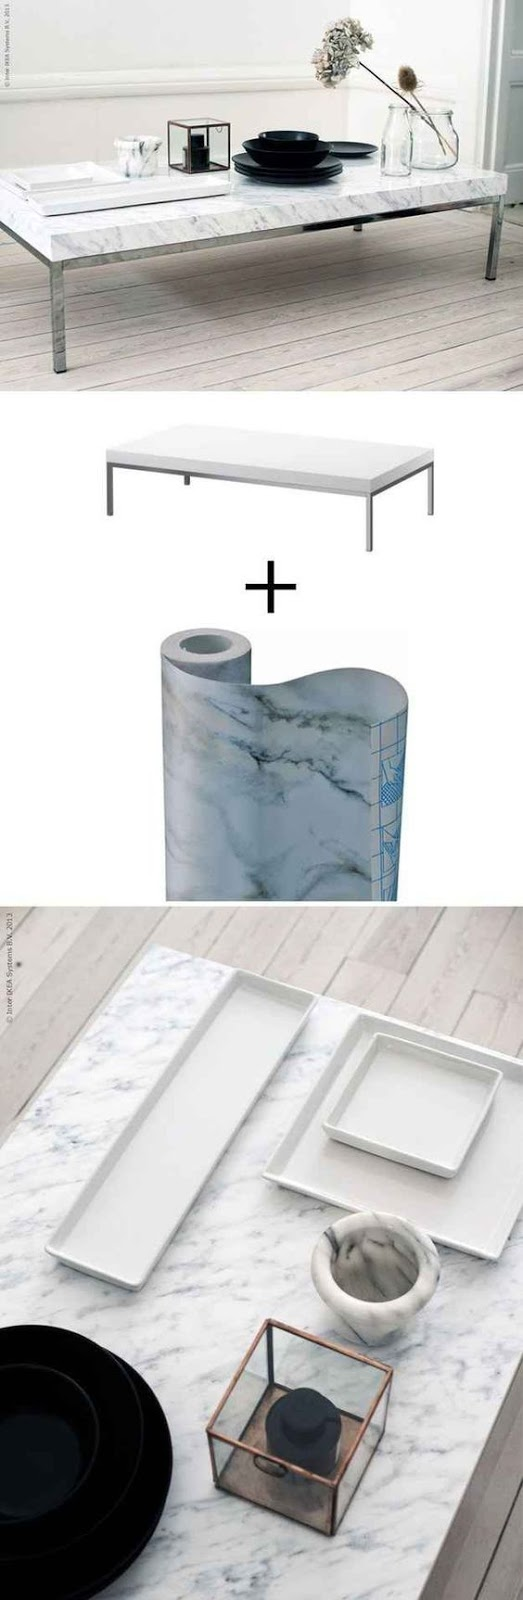 hawkers_Ikea_ideas_DIY_lolalolailo_10